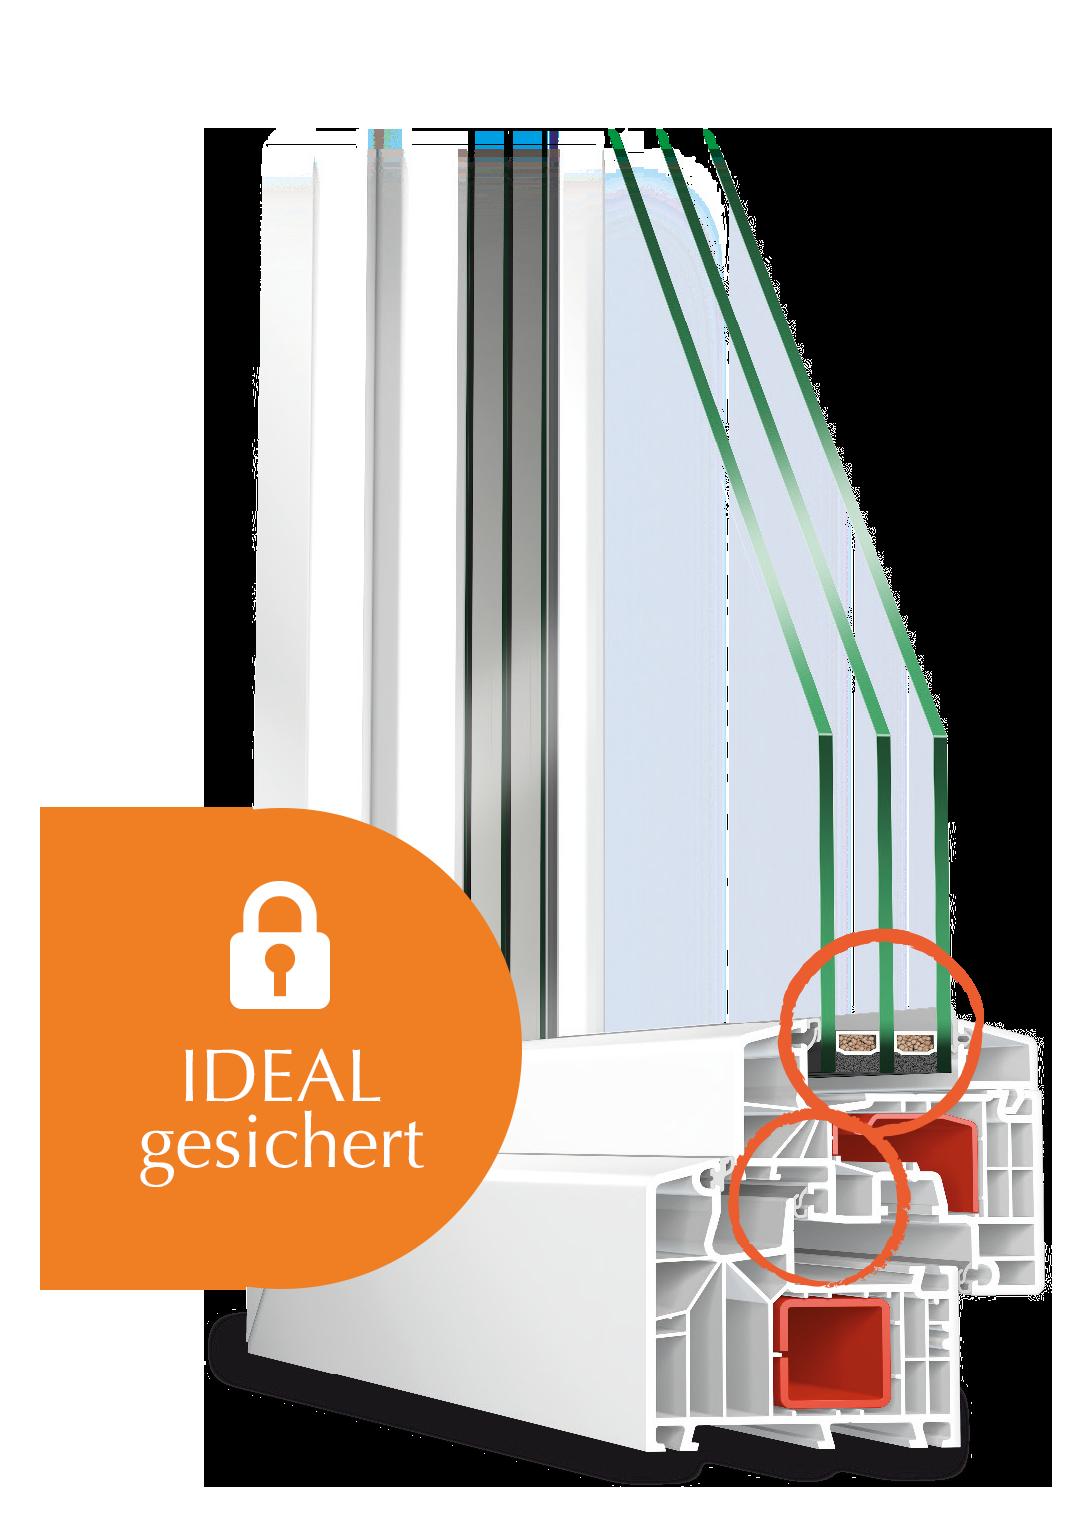 IDEAL_Klebetechnologie_5000SE_fb_10-2106.png